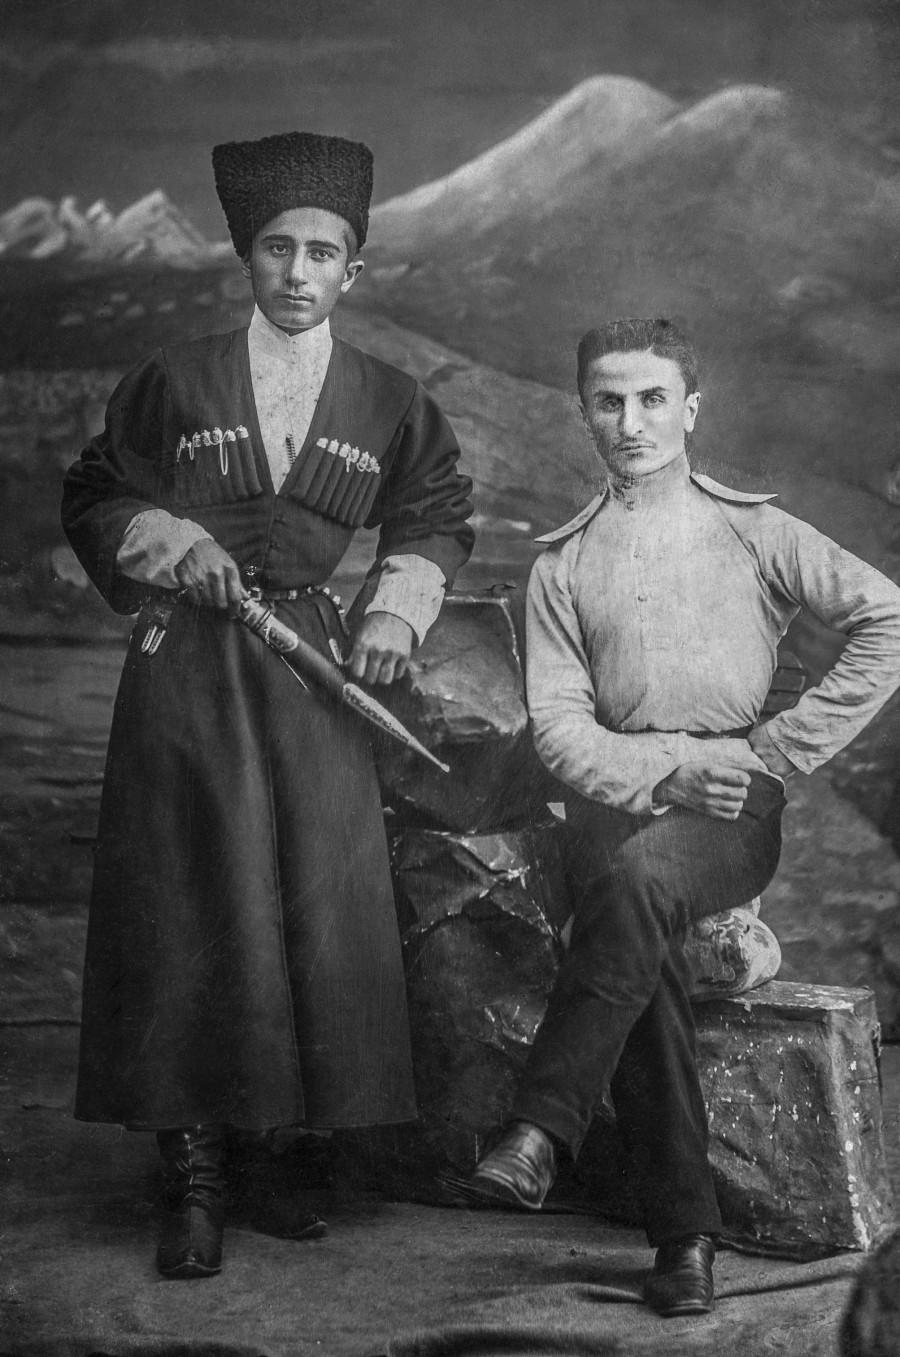 Созерко Мальсагов (справа) после выпуска из Александровского военного училища, 1912-1913 гг.